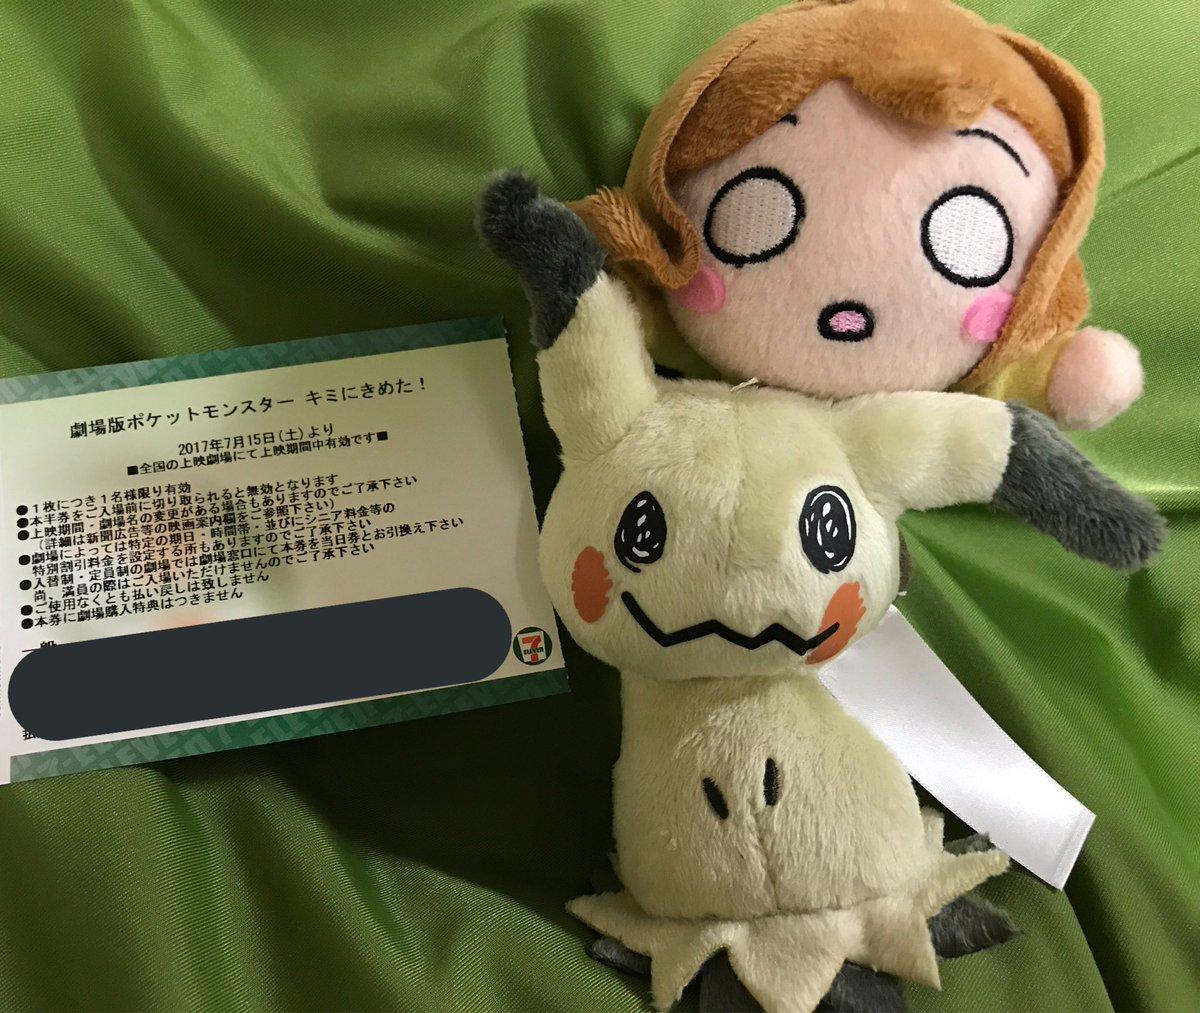 """ムック@3rdlive埼玉余韻中ずら🎊 on twitter: """"今からポケモン映画を観る"""